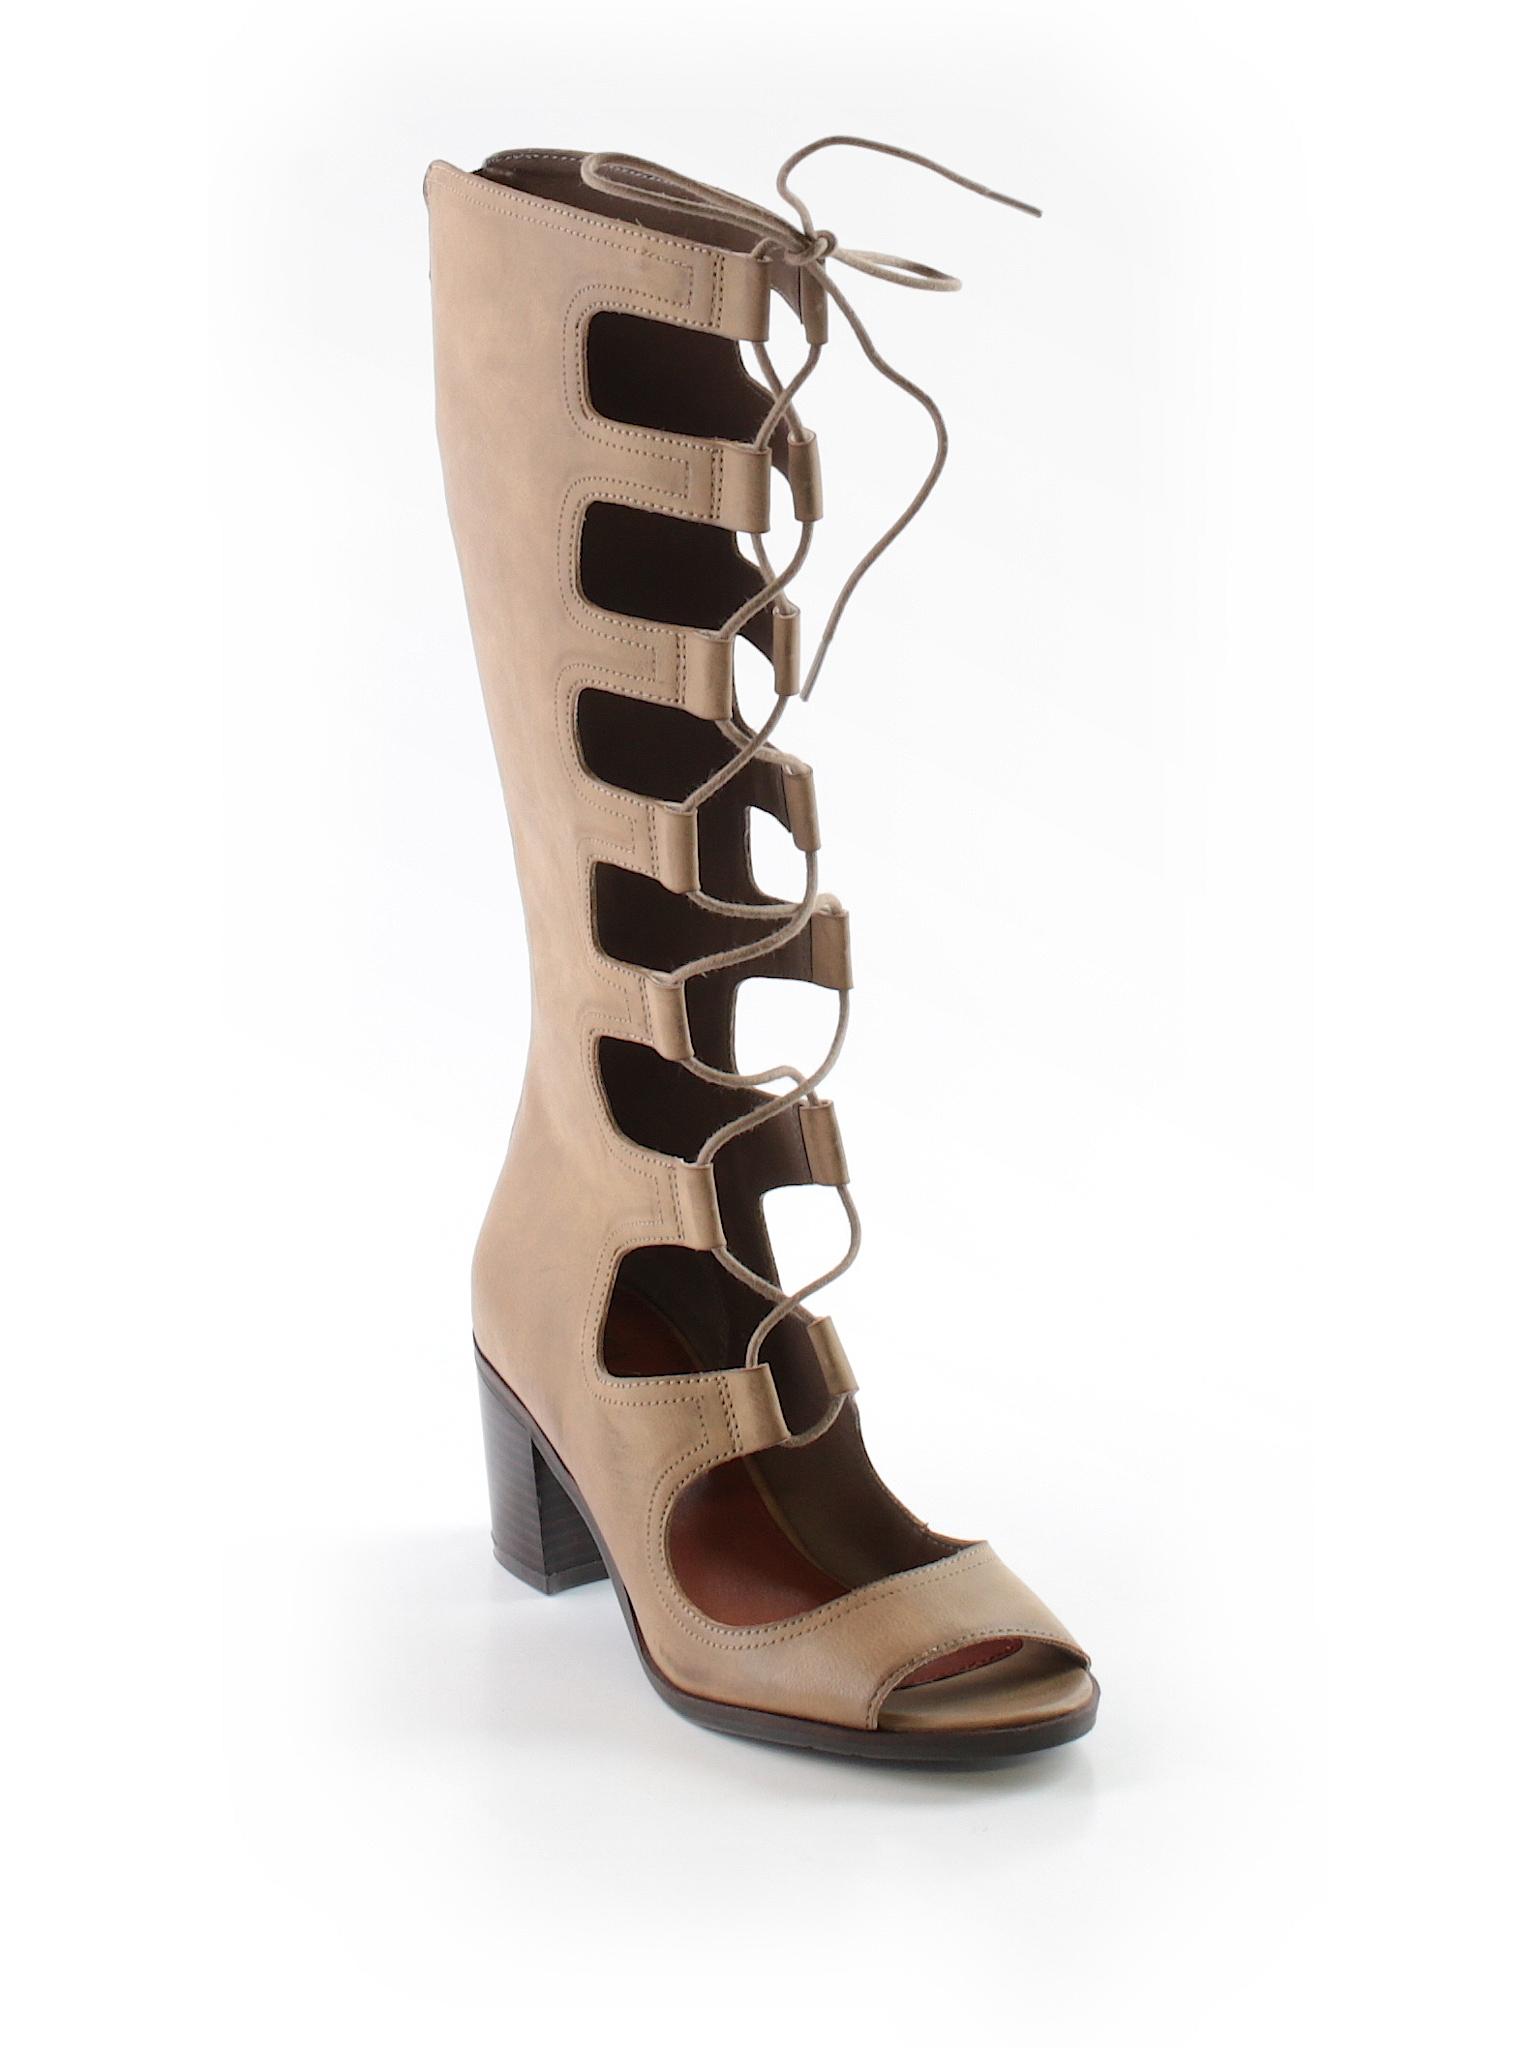 Mia Boots Boutique promotion Mia Boutique promotion xFXvI